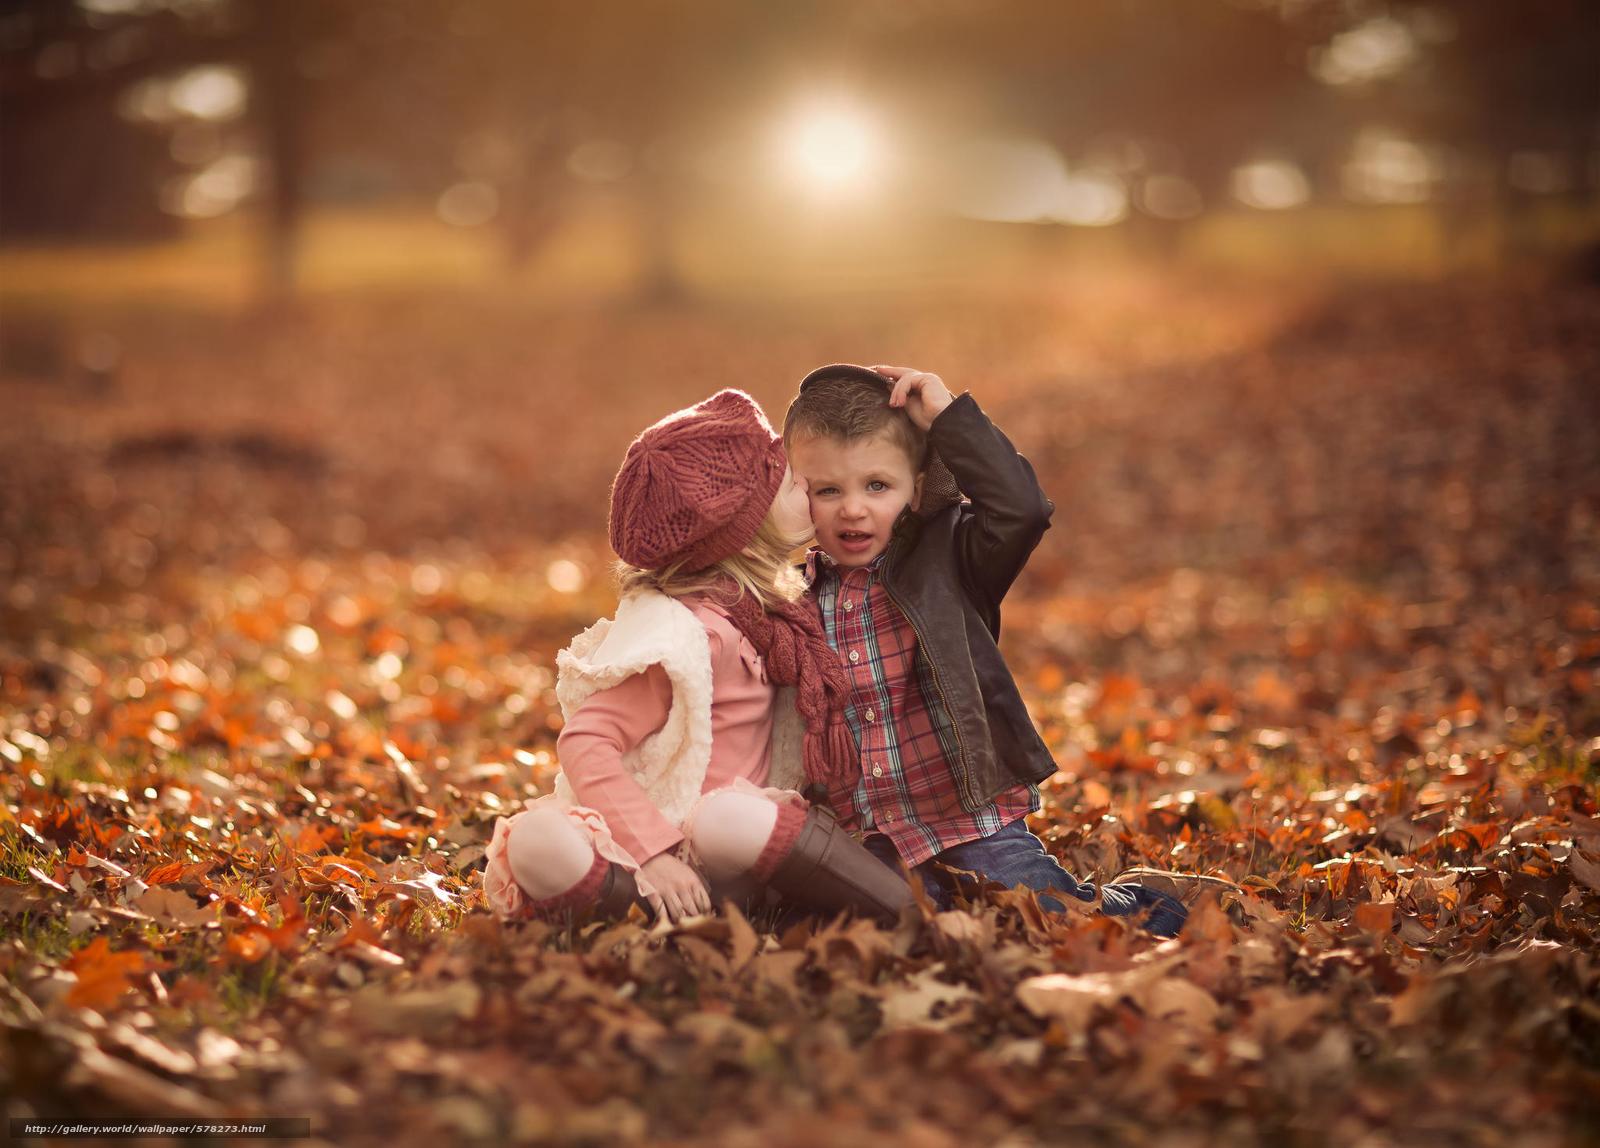 Download Hintergrund Laub,  Mädchen,  Herbst,  Bokeh Freie desktop Tapeten in der Auflosung 2048x1470 — bild №578273